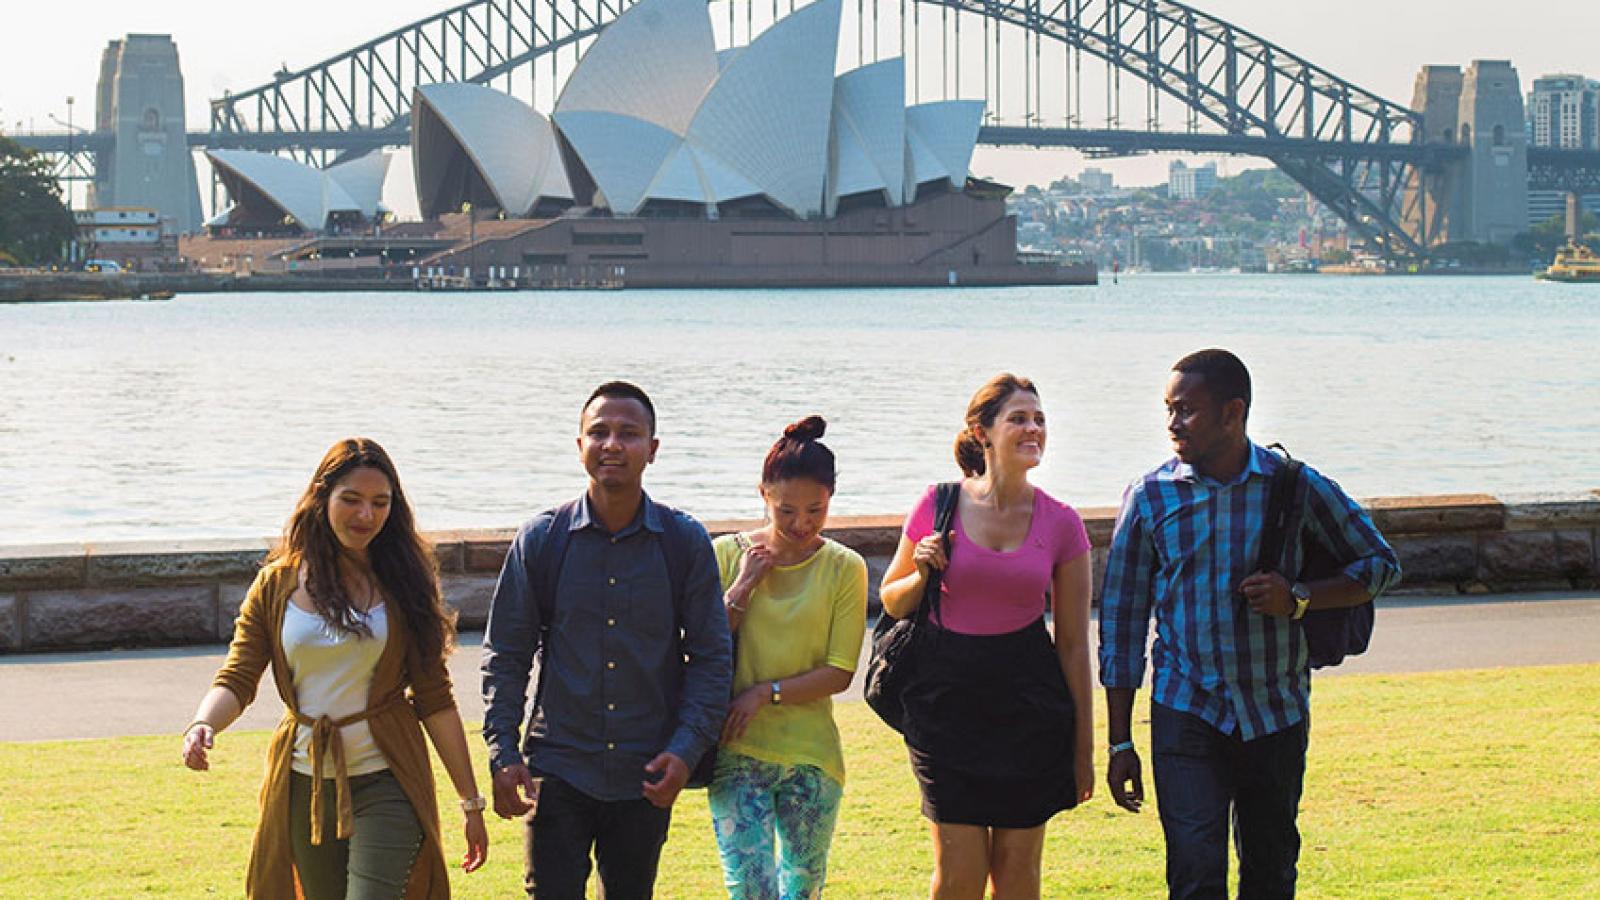 Sinh viên quốc tế có thể quay trở lại Australia vào tháng 7